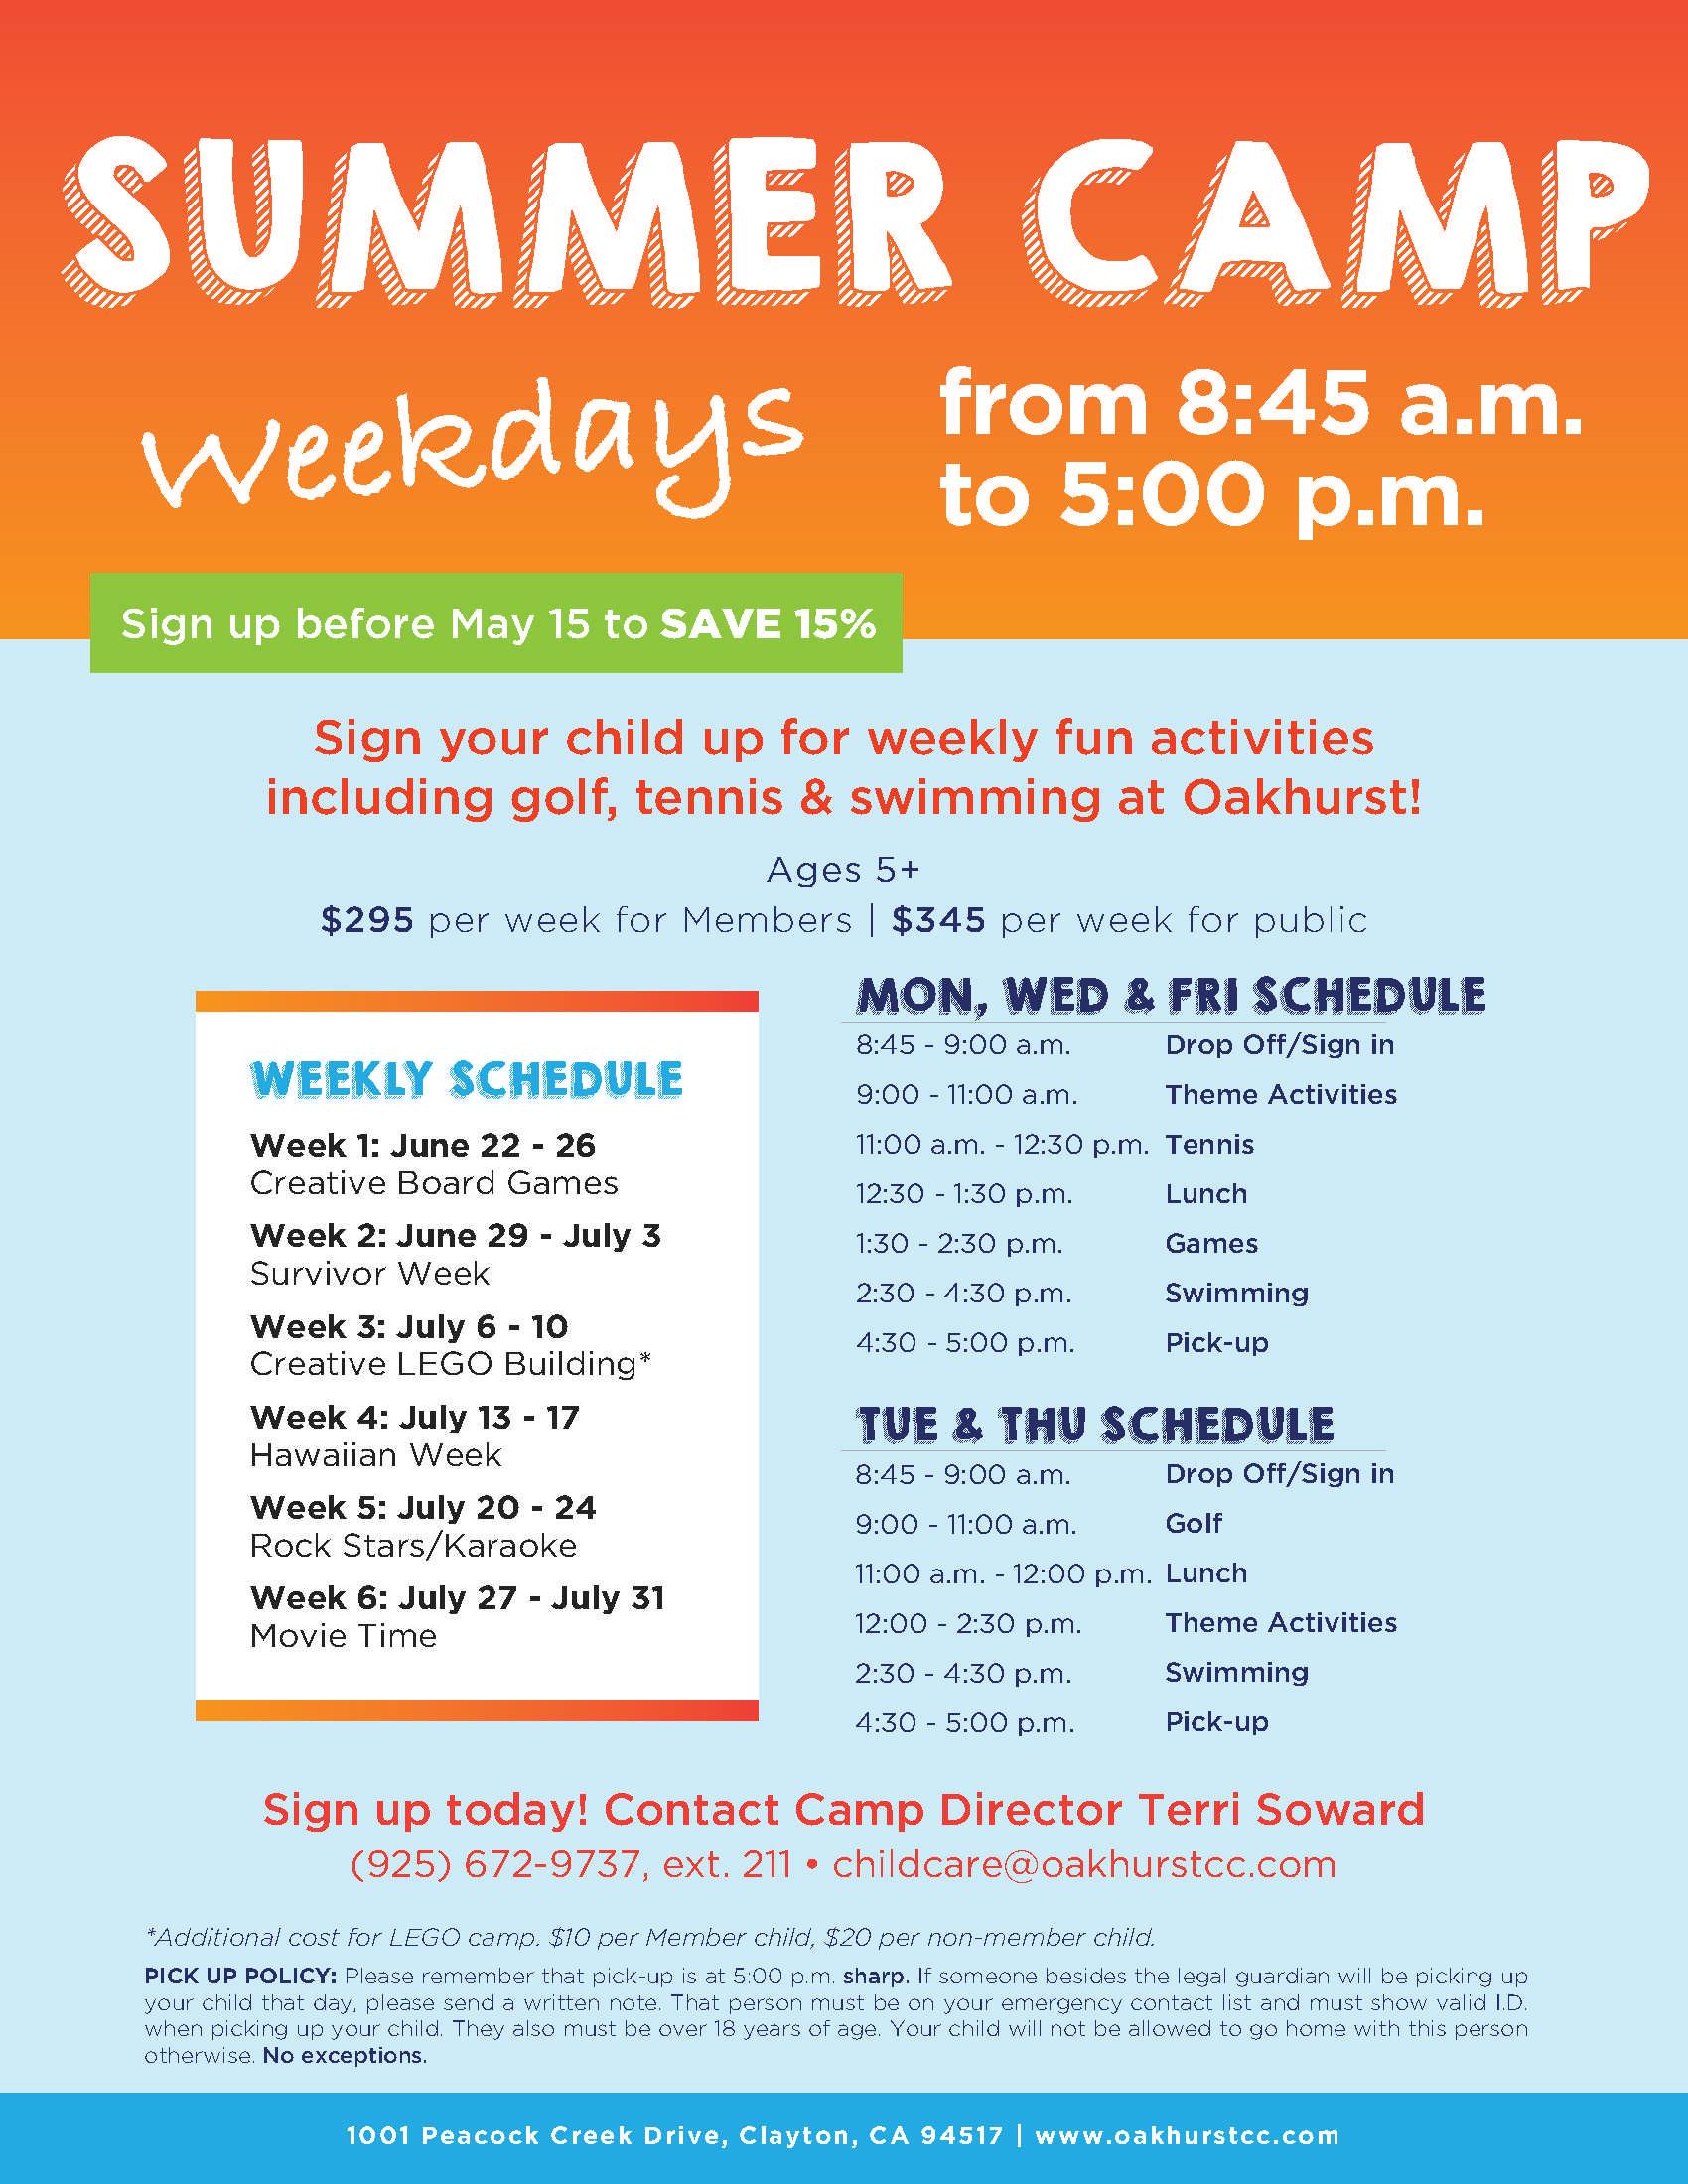 Oakhurst Summer Camp Flyer Template Kids Pinterest – Camp Flyer Template